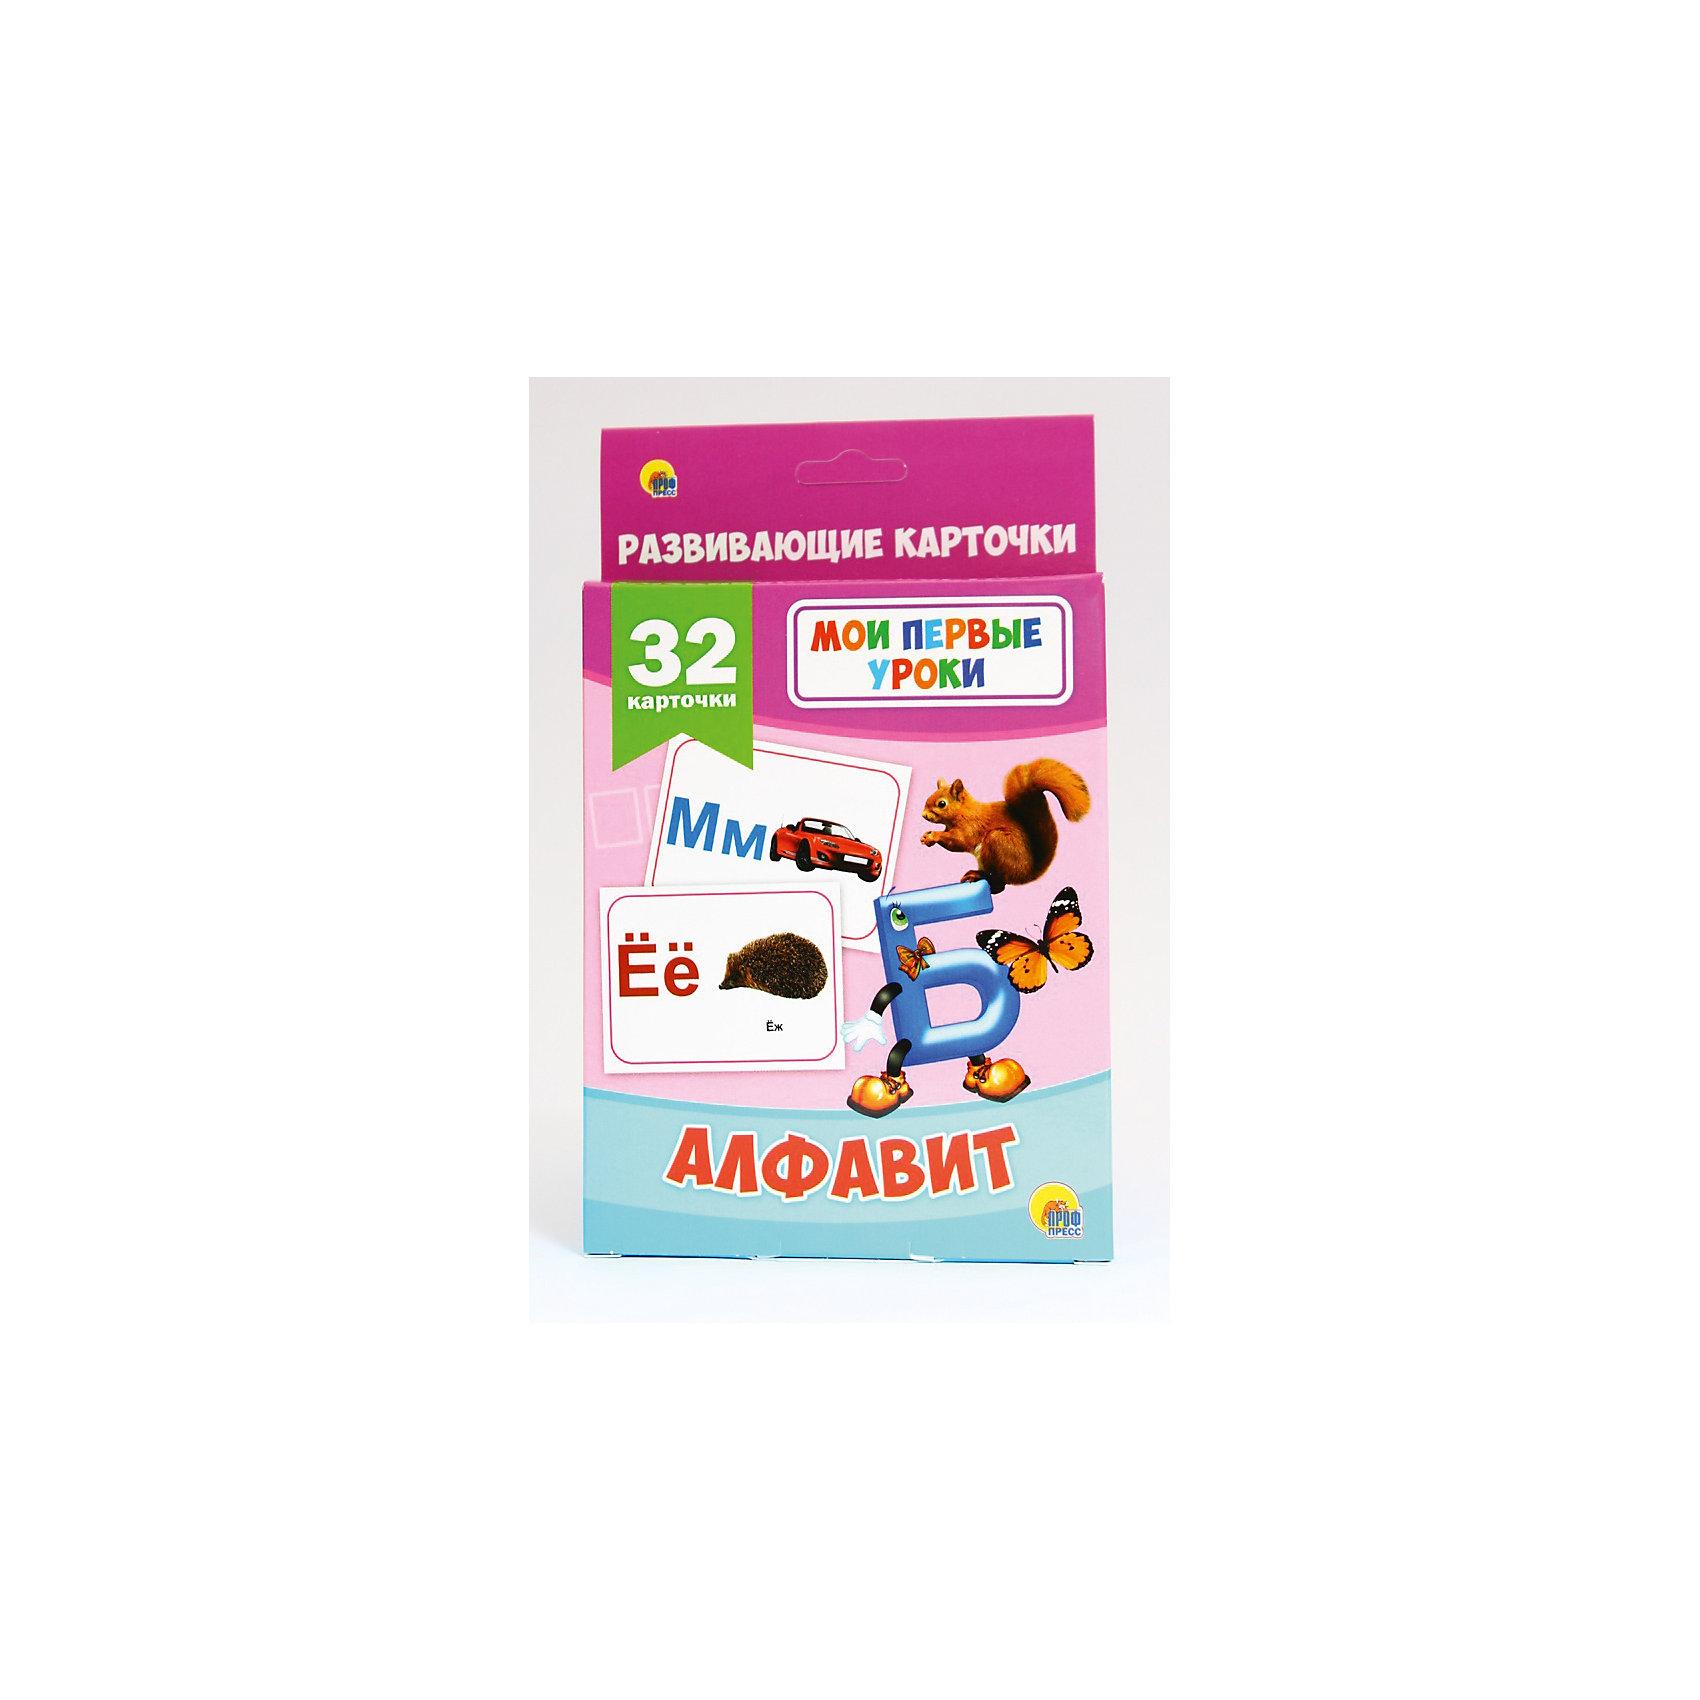 Развивающие карточки  Мои первые урокиОбучающие карточки<br>Развивающие карточки Мои первые уроки.<br><br>Характеристики:<br><br>• Редактор: Грищенко Виктория<br>• Издательство: Проф-Пресс, 2016 г.<br>• Серия: Мои первые уроки<br>• Иллюстрации: цветные<br>• Количество карточек: 32 (картон)<br>• Упаковка: картонный блистер с европодвесом<br>• Размер упаковки: 184х114х18 мм.<br>• Вес: 138 гр.<br>• ISBN: 9785378268740<br><br>Развивающие карточки серии Мои первые уроки помогут малышу выучить алфавит. Для удобства гласные буквы написаны красным цветом, согласные – синим, Ъ и Ь знак – зеленым. Крупные буквы, яркие фотографии, задания «вставь букву» и забавные стихотворения улучшат восприятие информации. Самое главное, что эти уроки будут проходить в отвлечённой игровой форме. Для детей дошкольного возраста.<br><br>Развивающие карточки Мои первые уроки можно купить в нашем интернет-магазине.<br><br>Ширина мм: 185<br>Глубина мм: 117<br>Высота мм: 114<br>Вес г: 0<br>Возраст от месяцев: 36<br>Возраст до месяцев: 2147483647<br>Пол: Унисекс<br>Возраст: Детский<br>SKU: 5452298